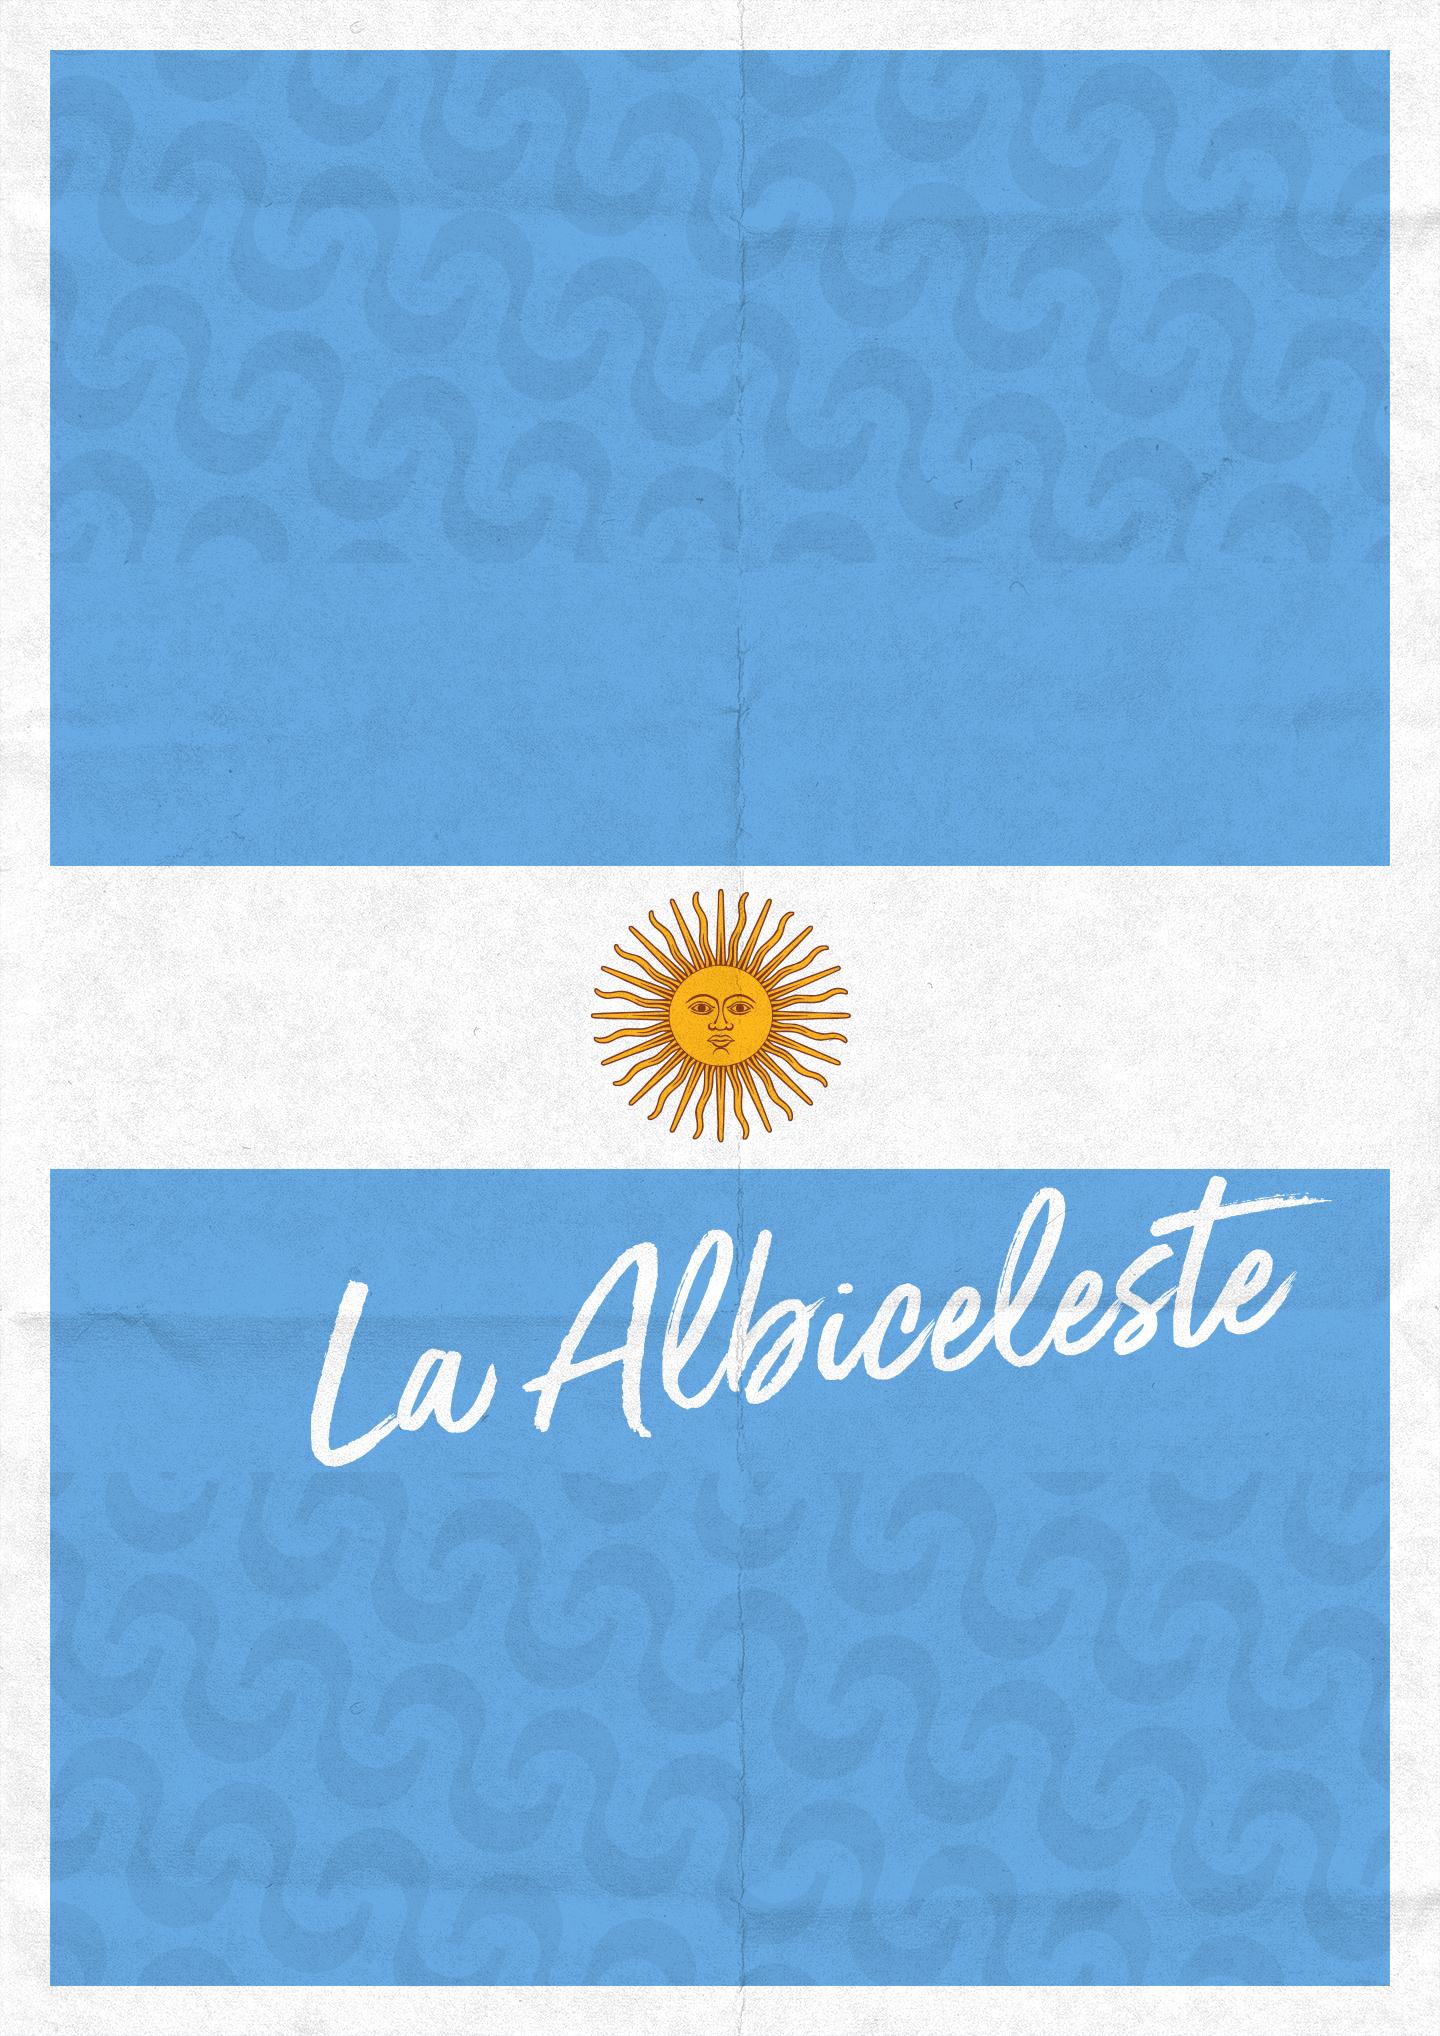 COPA_POSTER_argentina03 copy.jpg